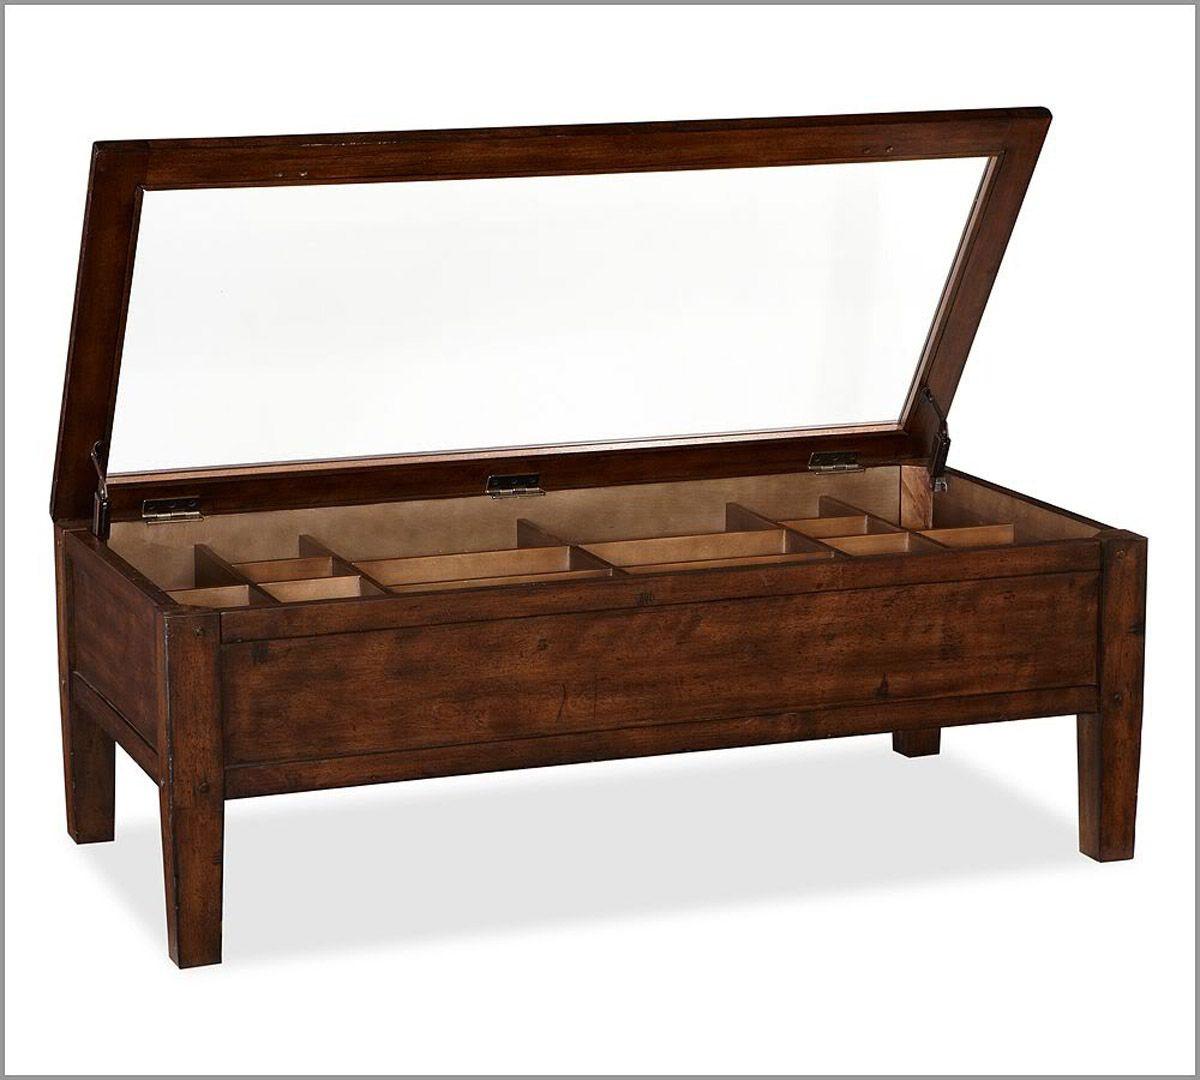 Shadow Box Coffee Table DIY  Shadow Box Coffee Table Diy Shadow Box Coffee Table